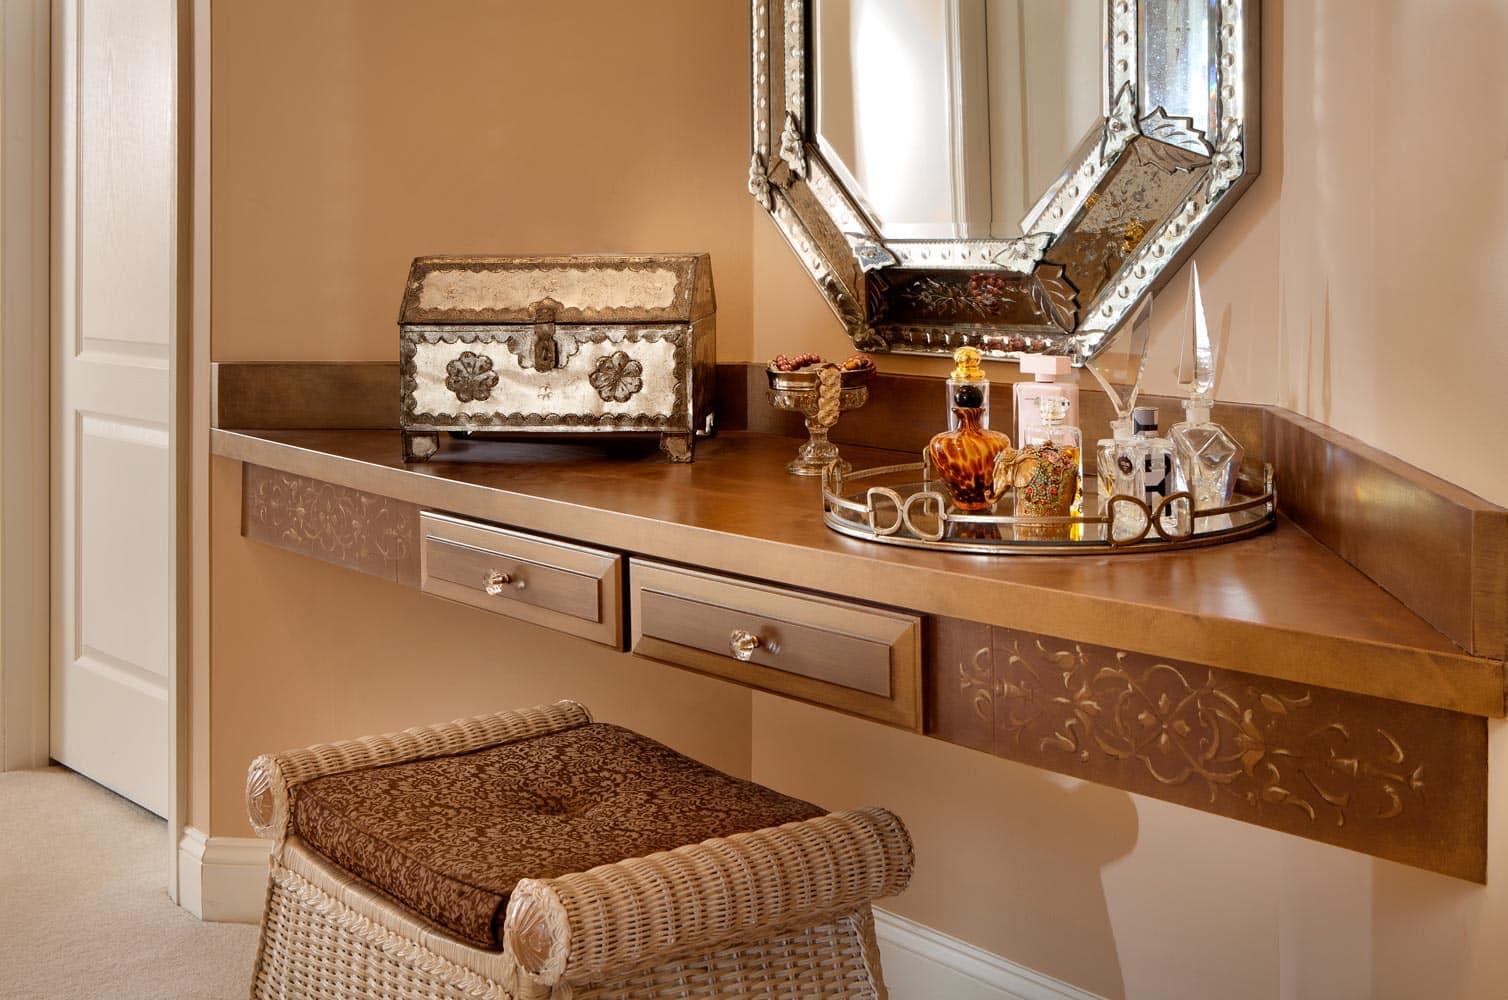 kaufman-bedroom-vanity